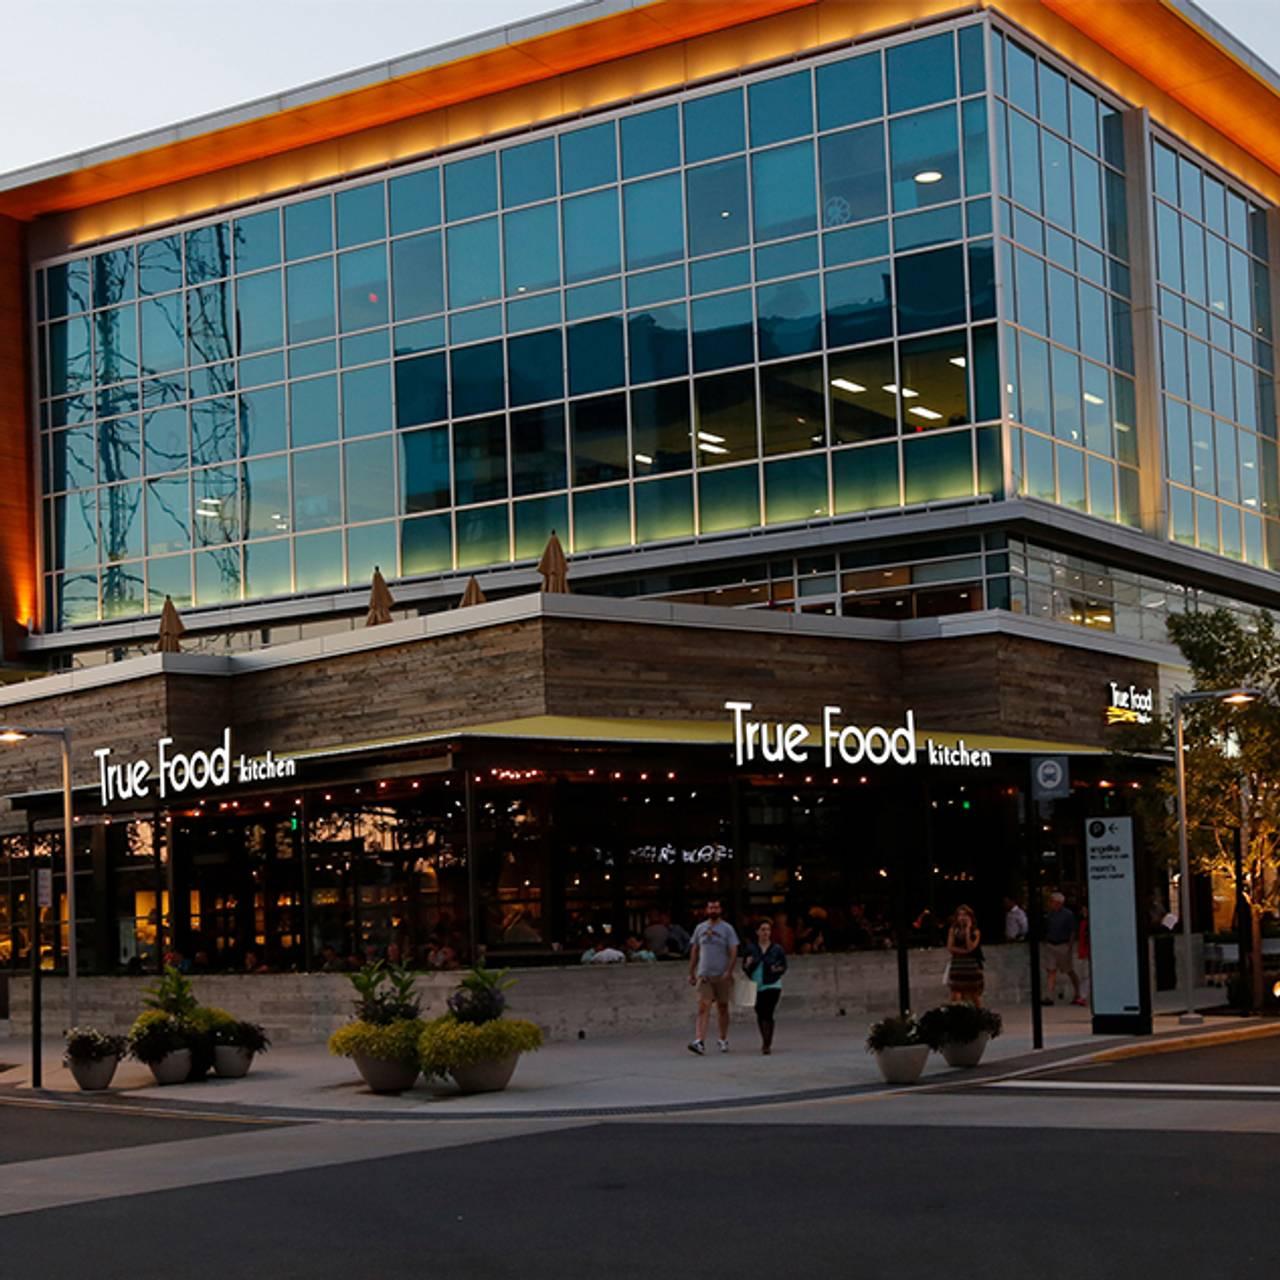 True food kitchen fairfax restaurant fairfax va opentable